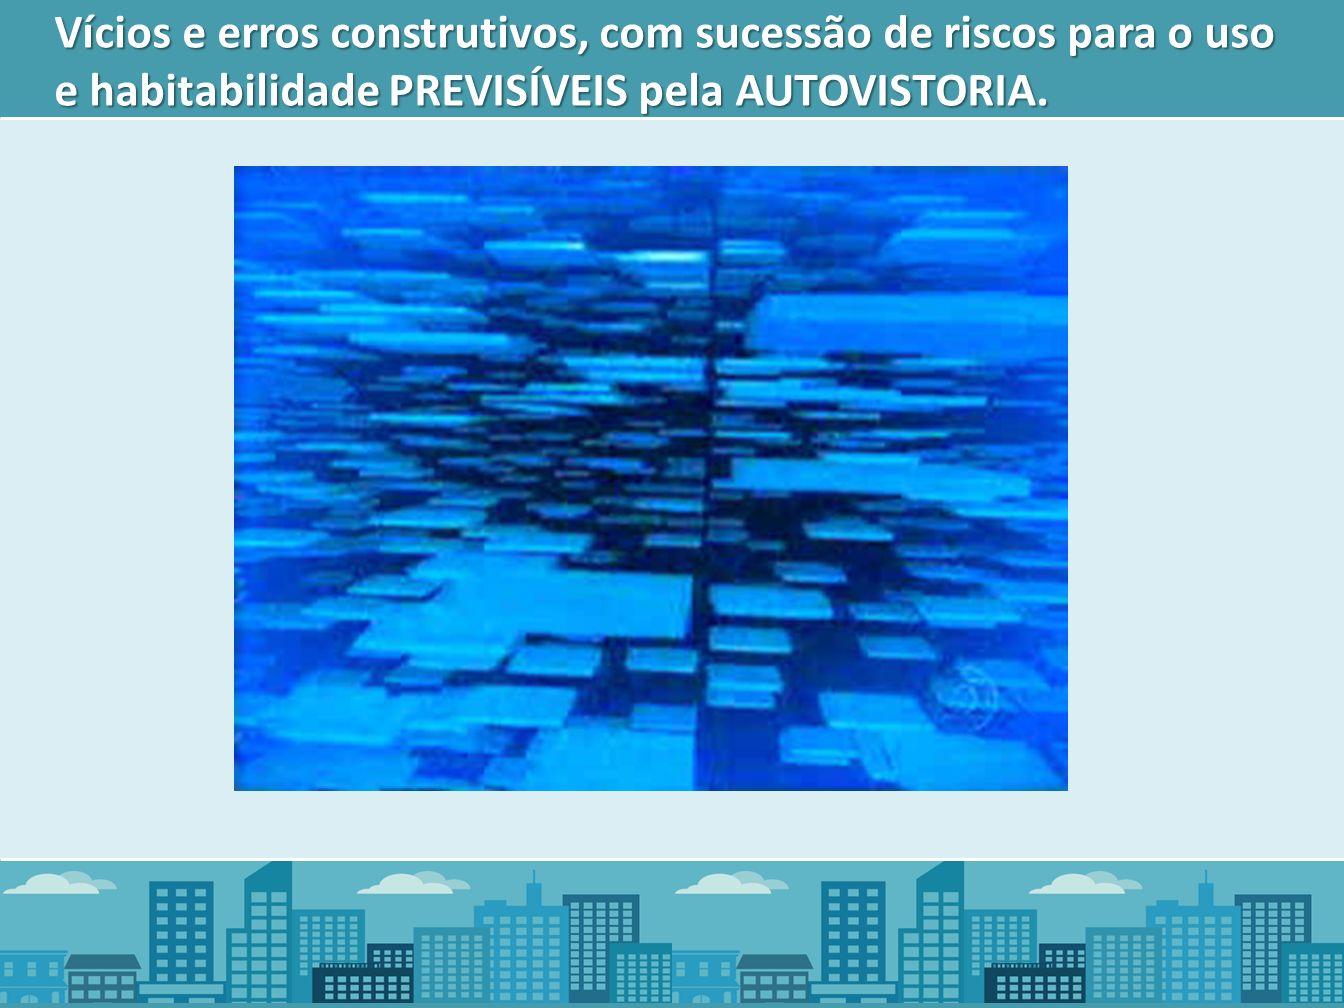 Vícios e erros construtivos, com sucessão de riscos para o uso e habitabilidade PREVISÍVEIS pela AUTOVISTORIA.